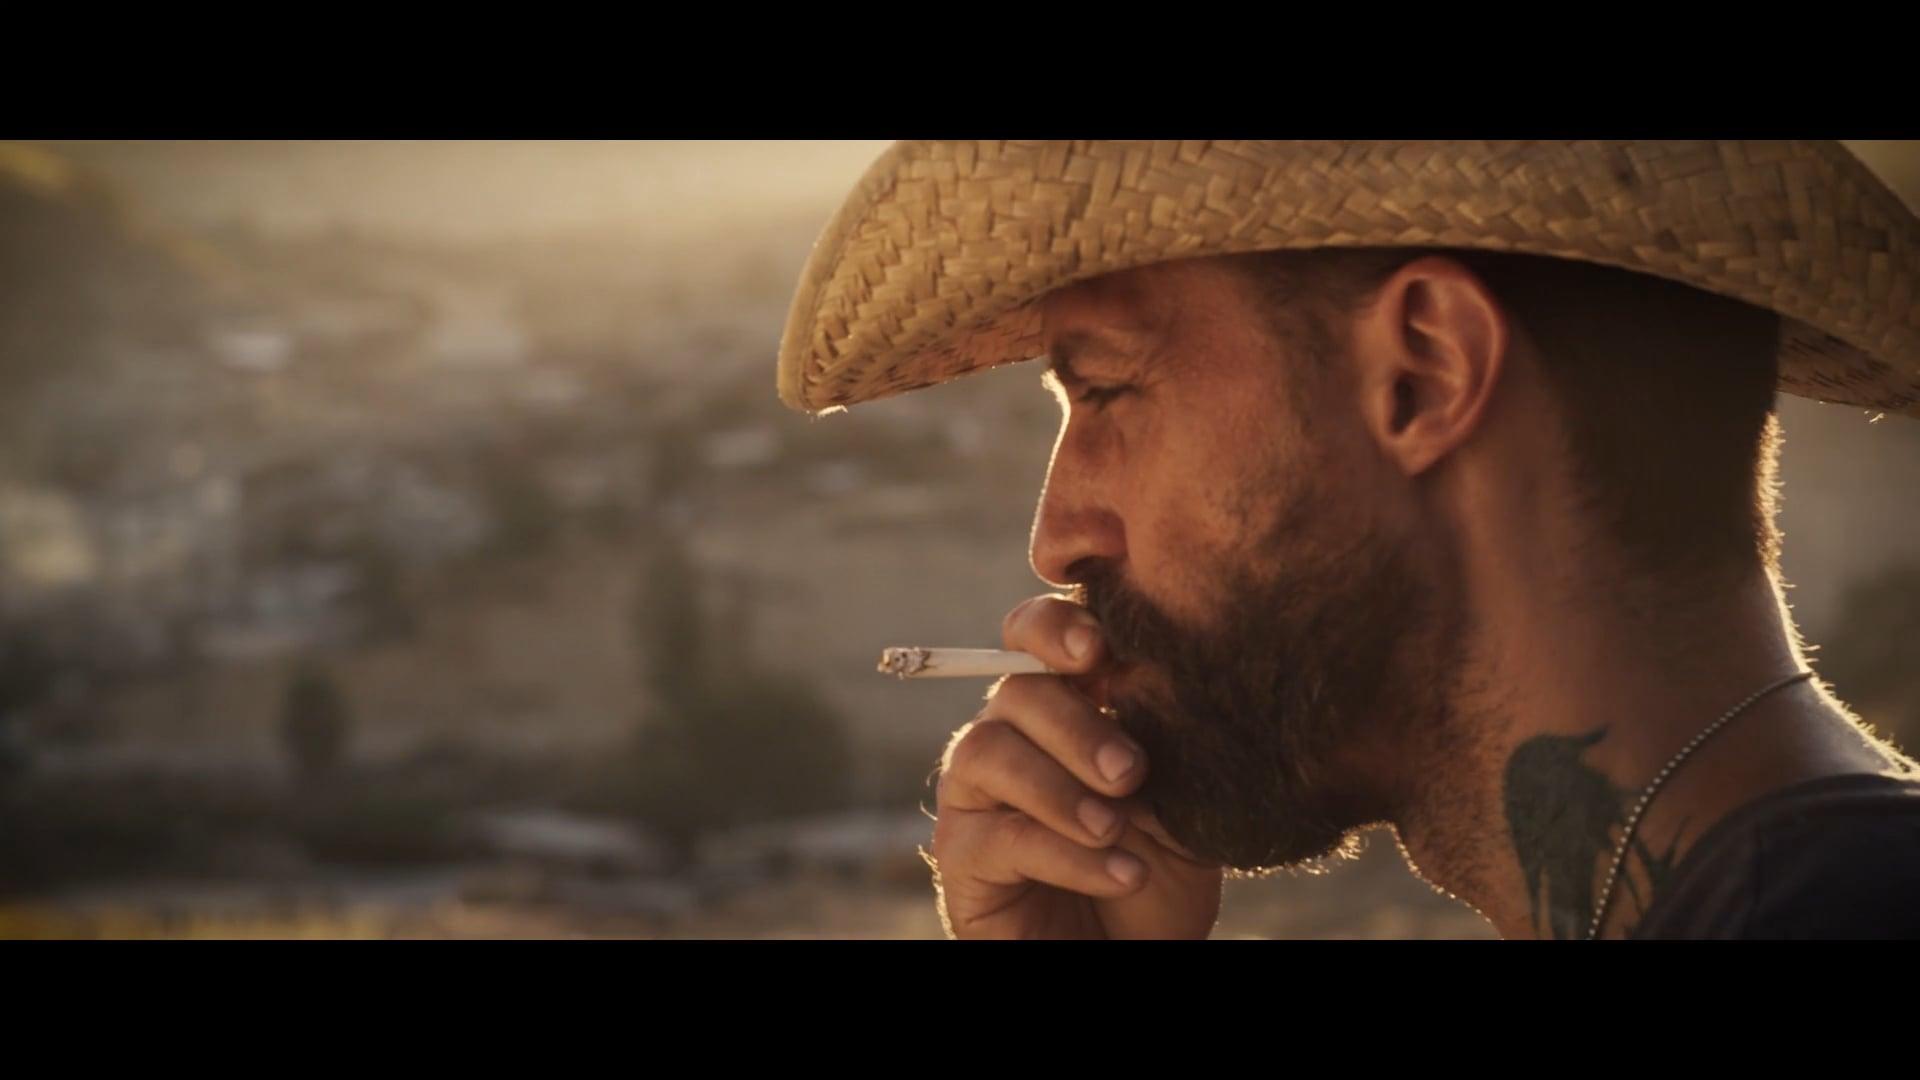 Kevin Rasmussen - Film Reel 2020